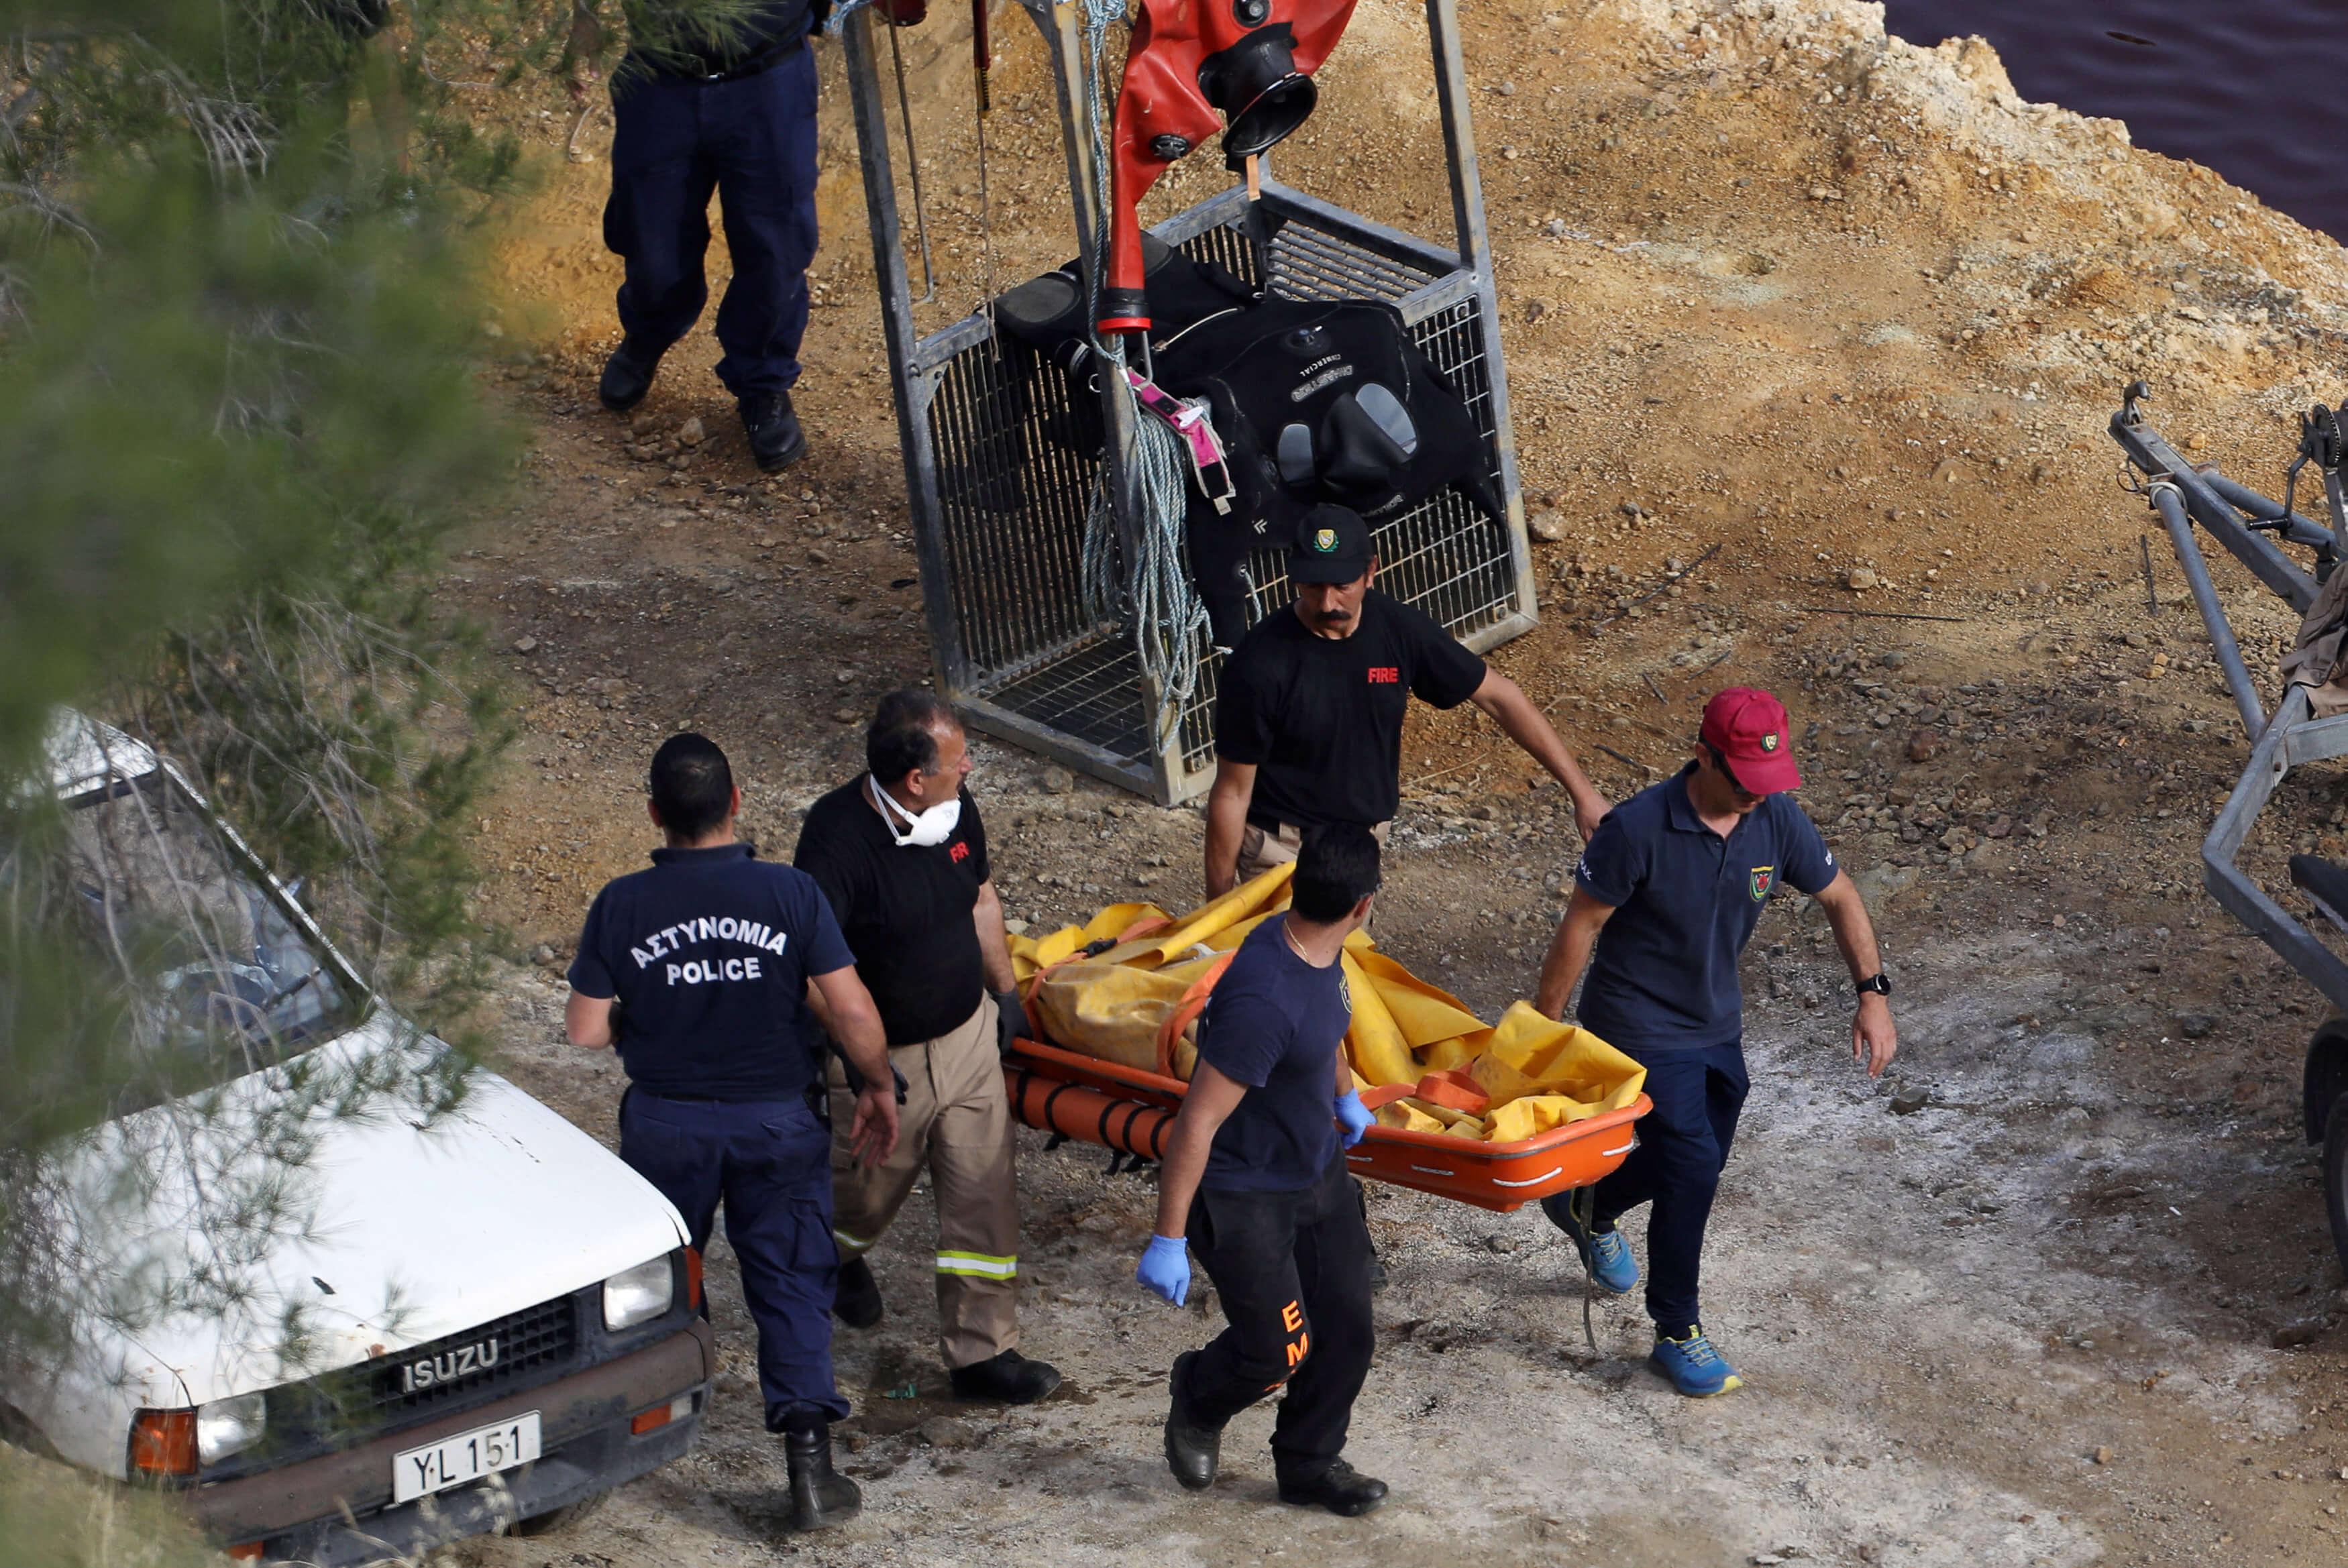 Έβαλαν τα κλάματα στην Κόκκινη Λίμνη - Οι δραματικές στιγμές για τους πυροσβέστες όταν βρήκαν την σορό της 8χρονης Έλενας